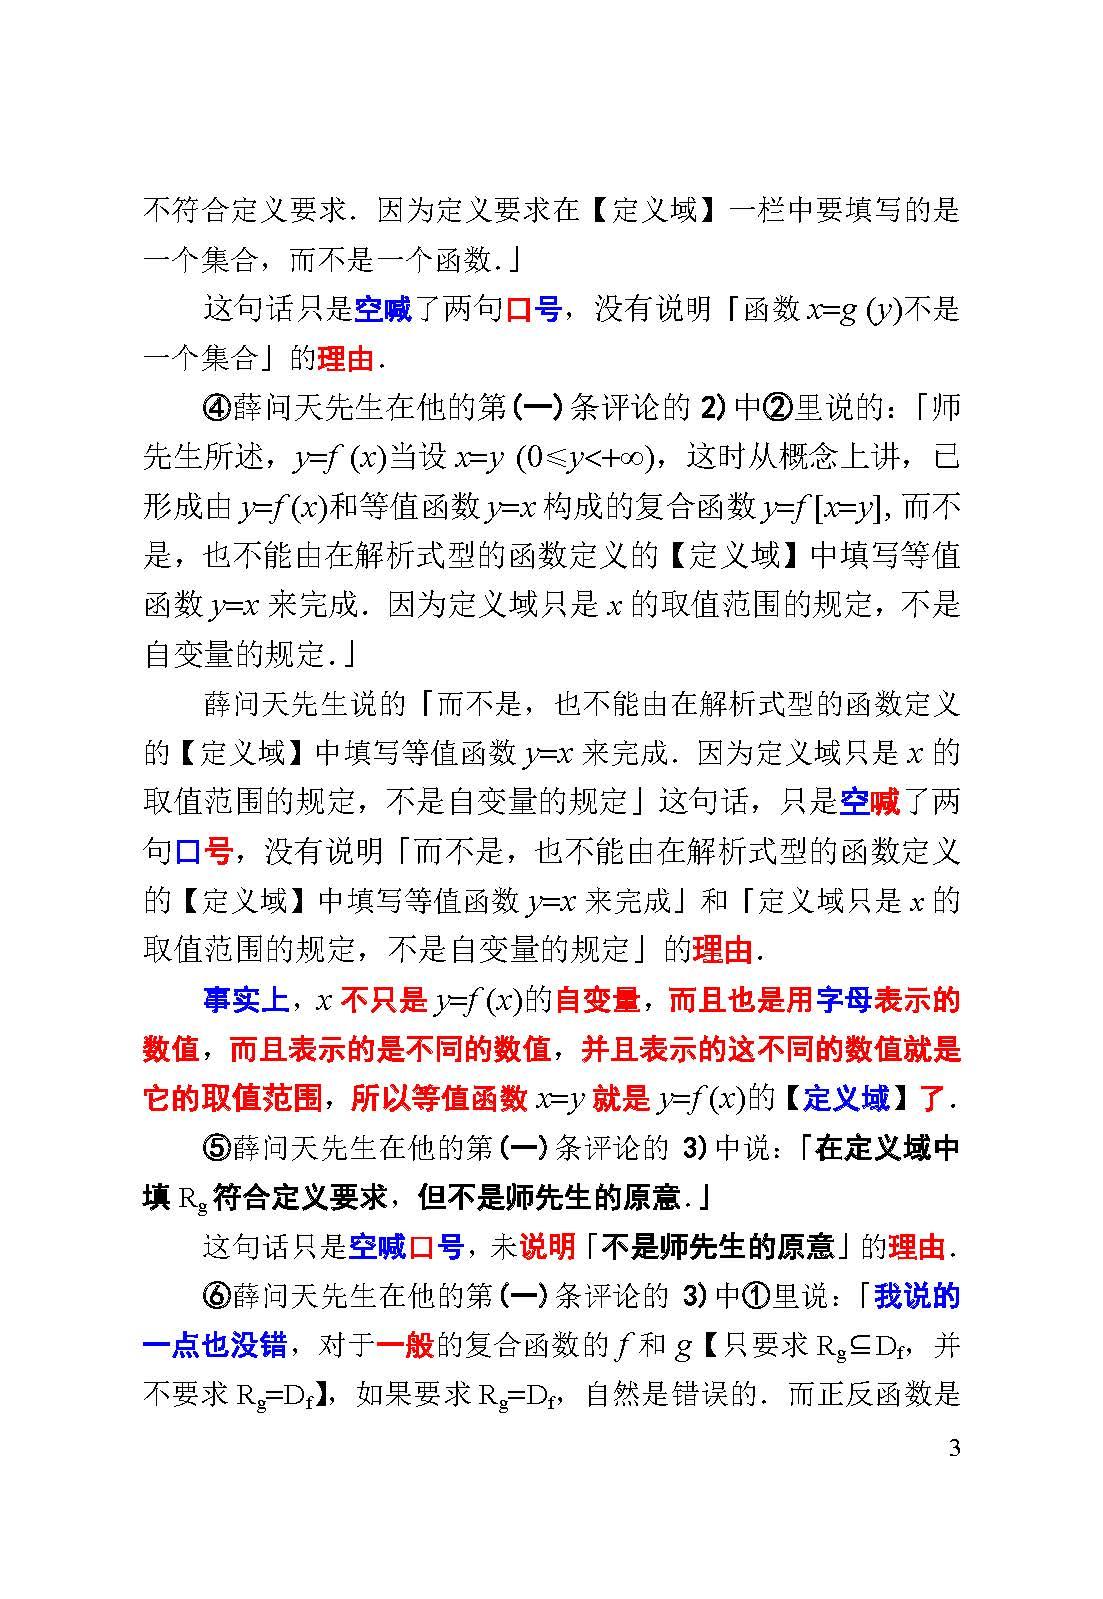 评薛问天先生的文章0428_页面_03.jpg